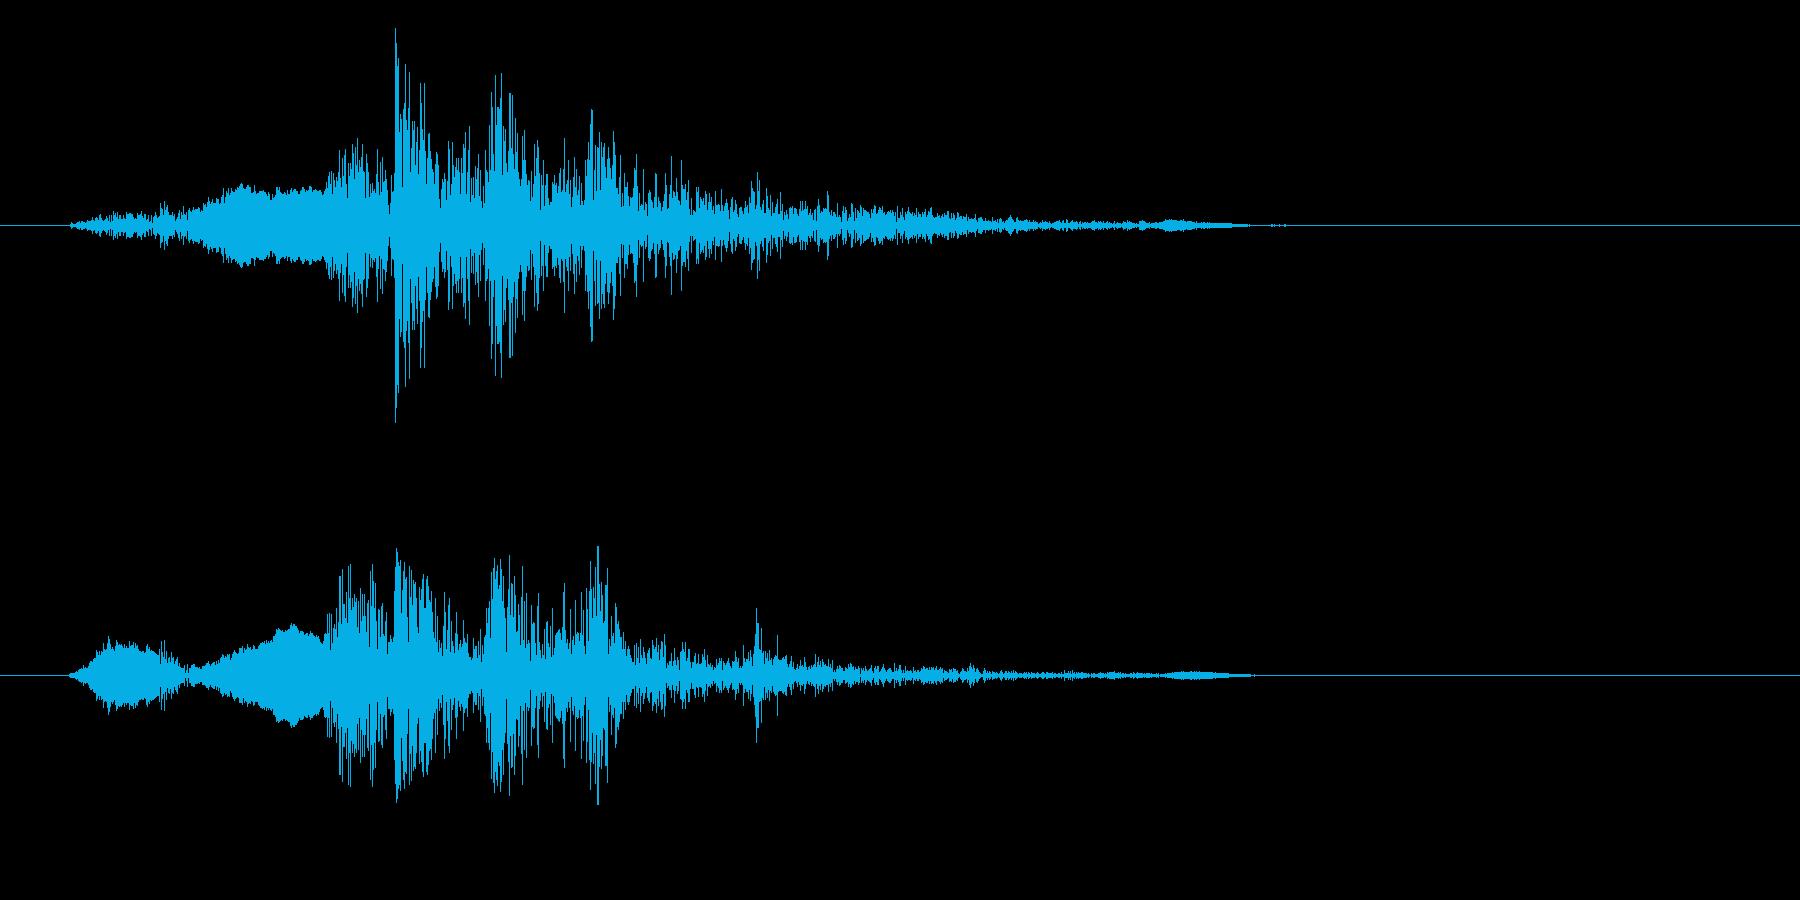 シャッター音(カメラ)の再生済みの波形